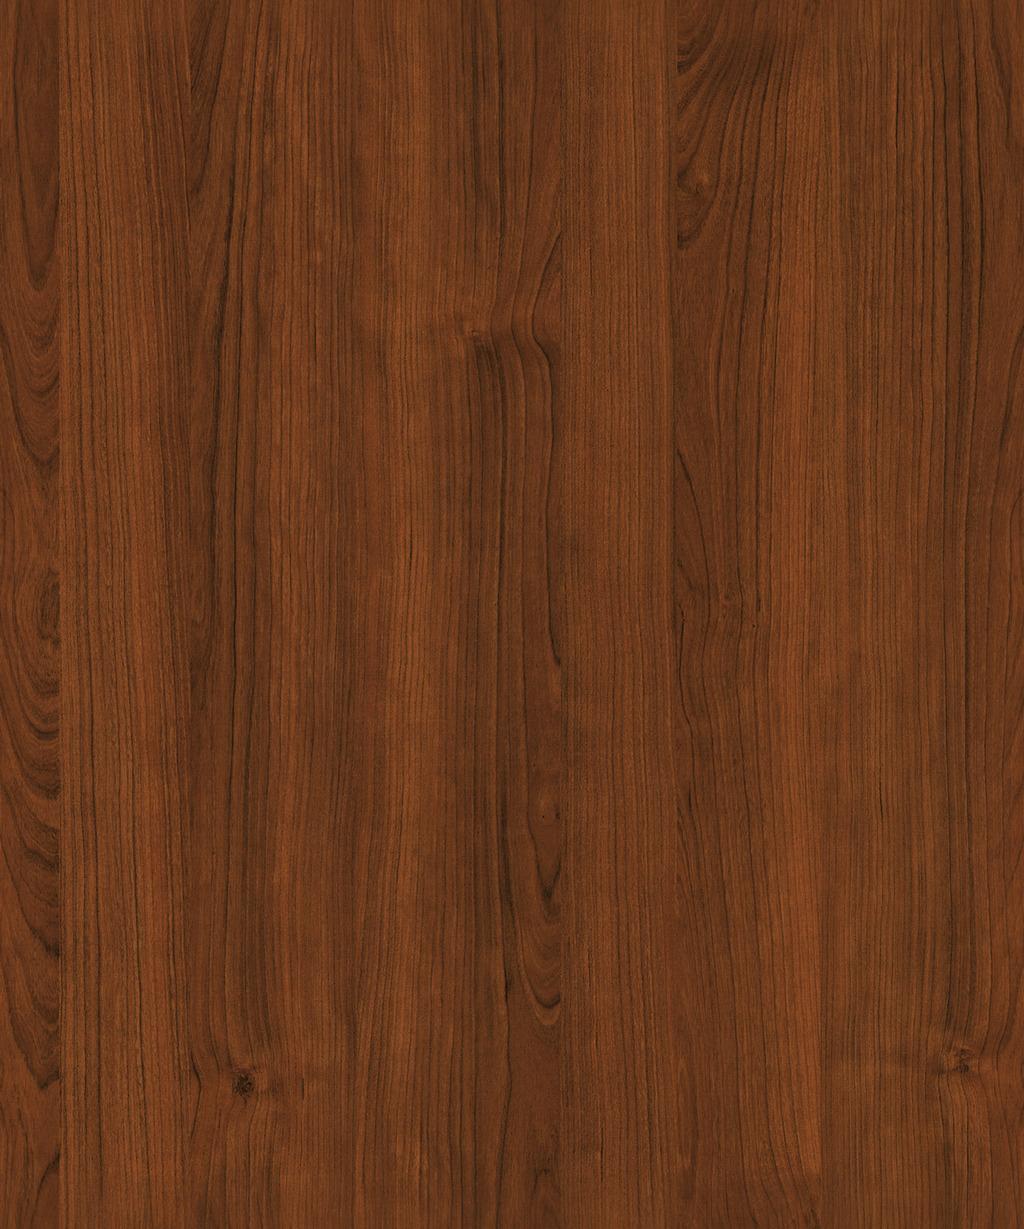 高清木纹贴图模板下载(图片编号:12314953)